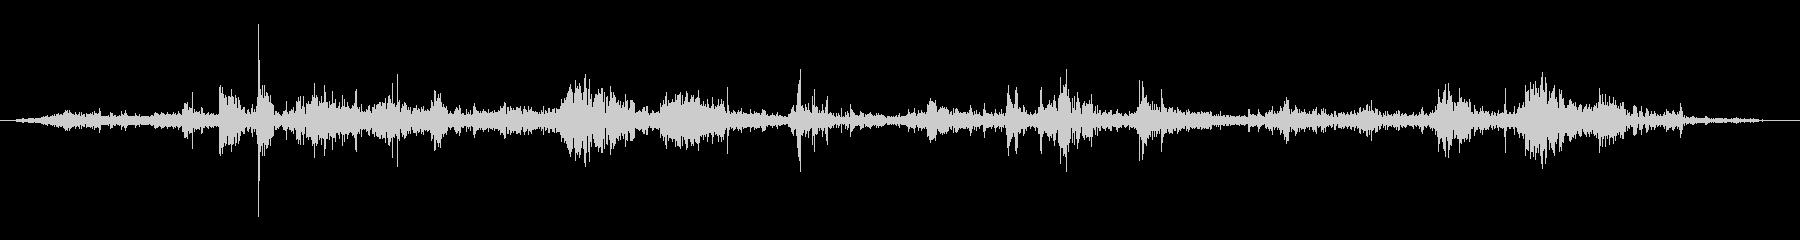 ヘビーボディスマッシュ、バンズアン...の未再生の波形